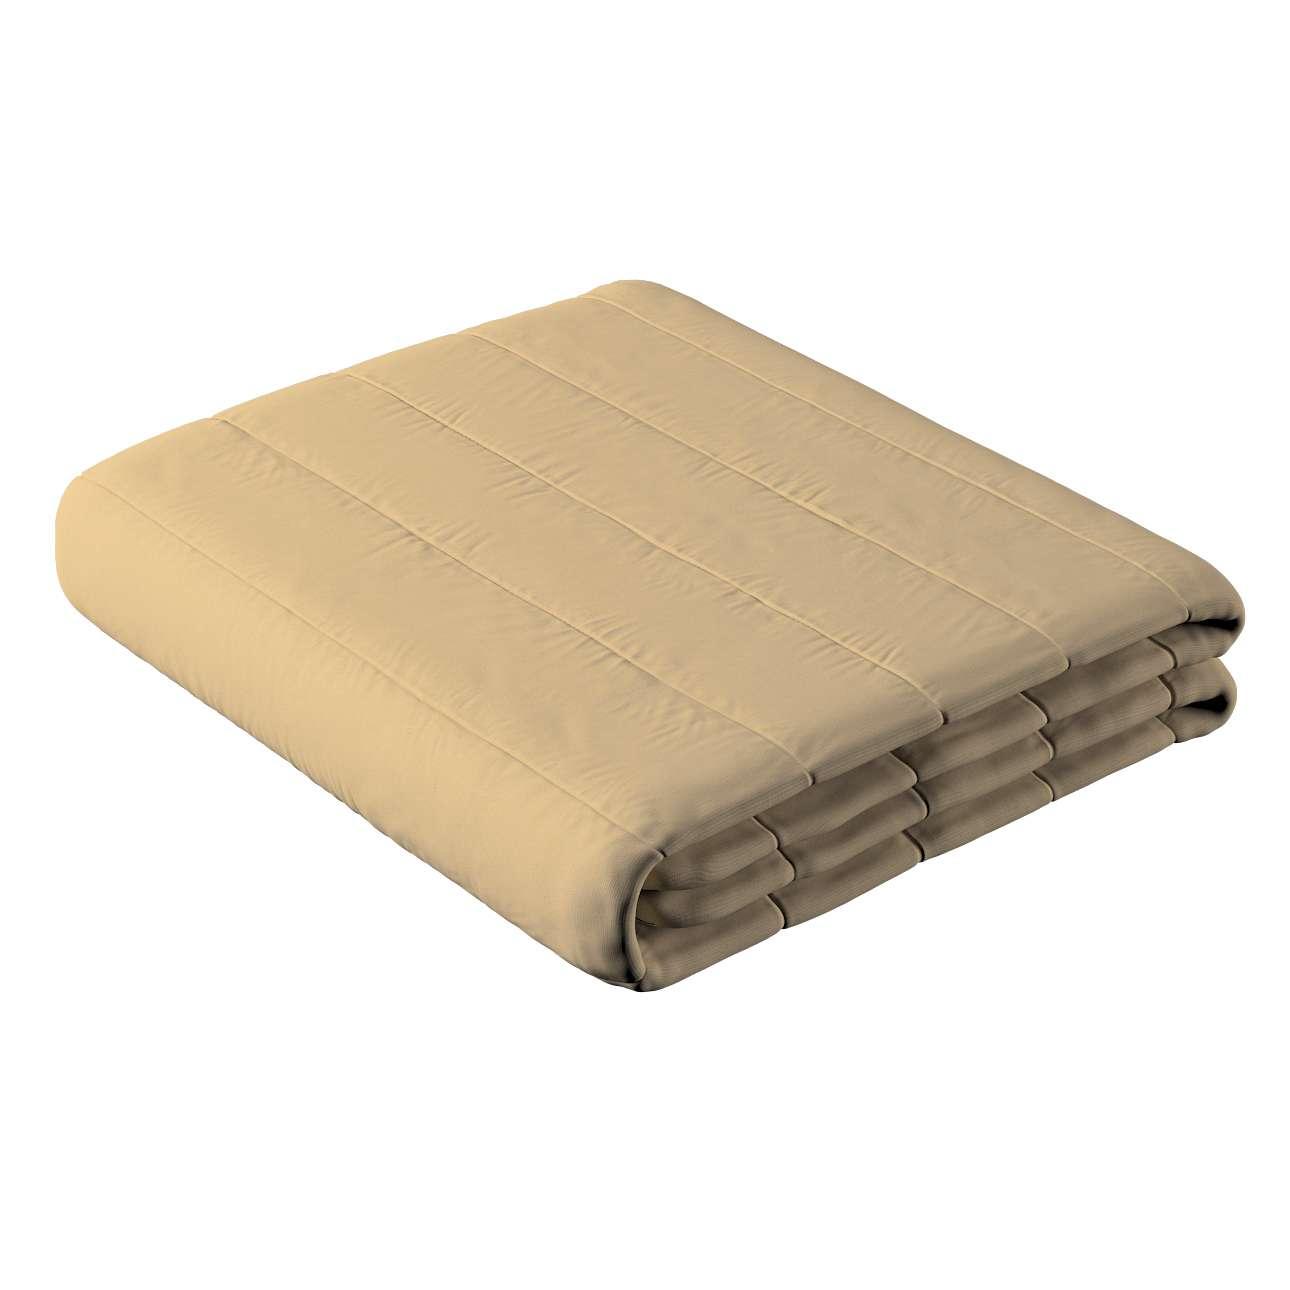 Lovatiesės (vertikaliai dygsniuotos) kolekcijoje Cotton Panama, audinys: 702-01